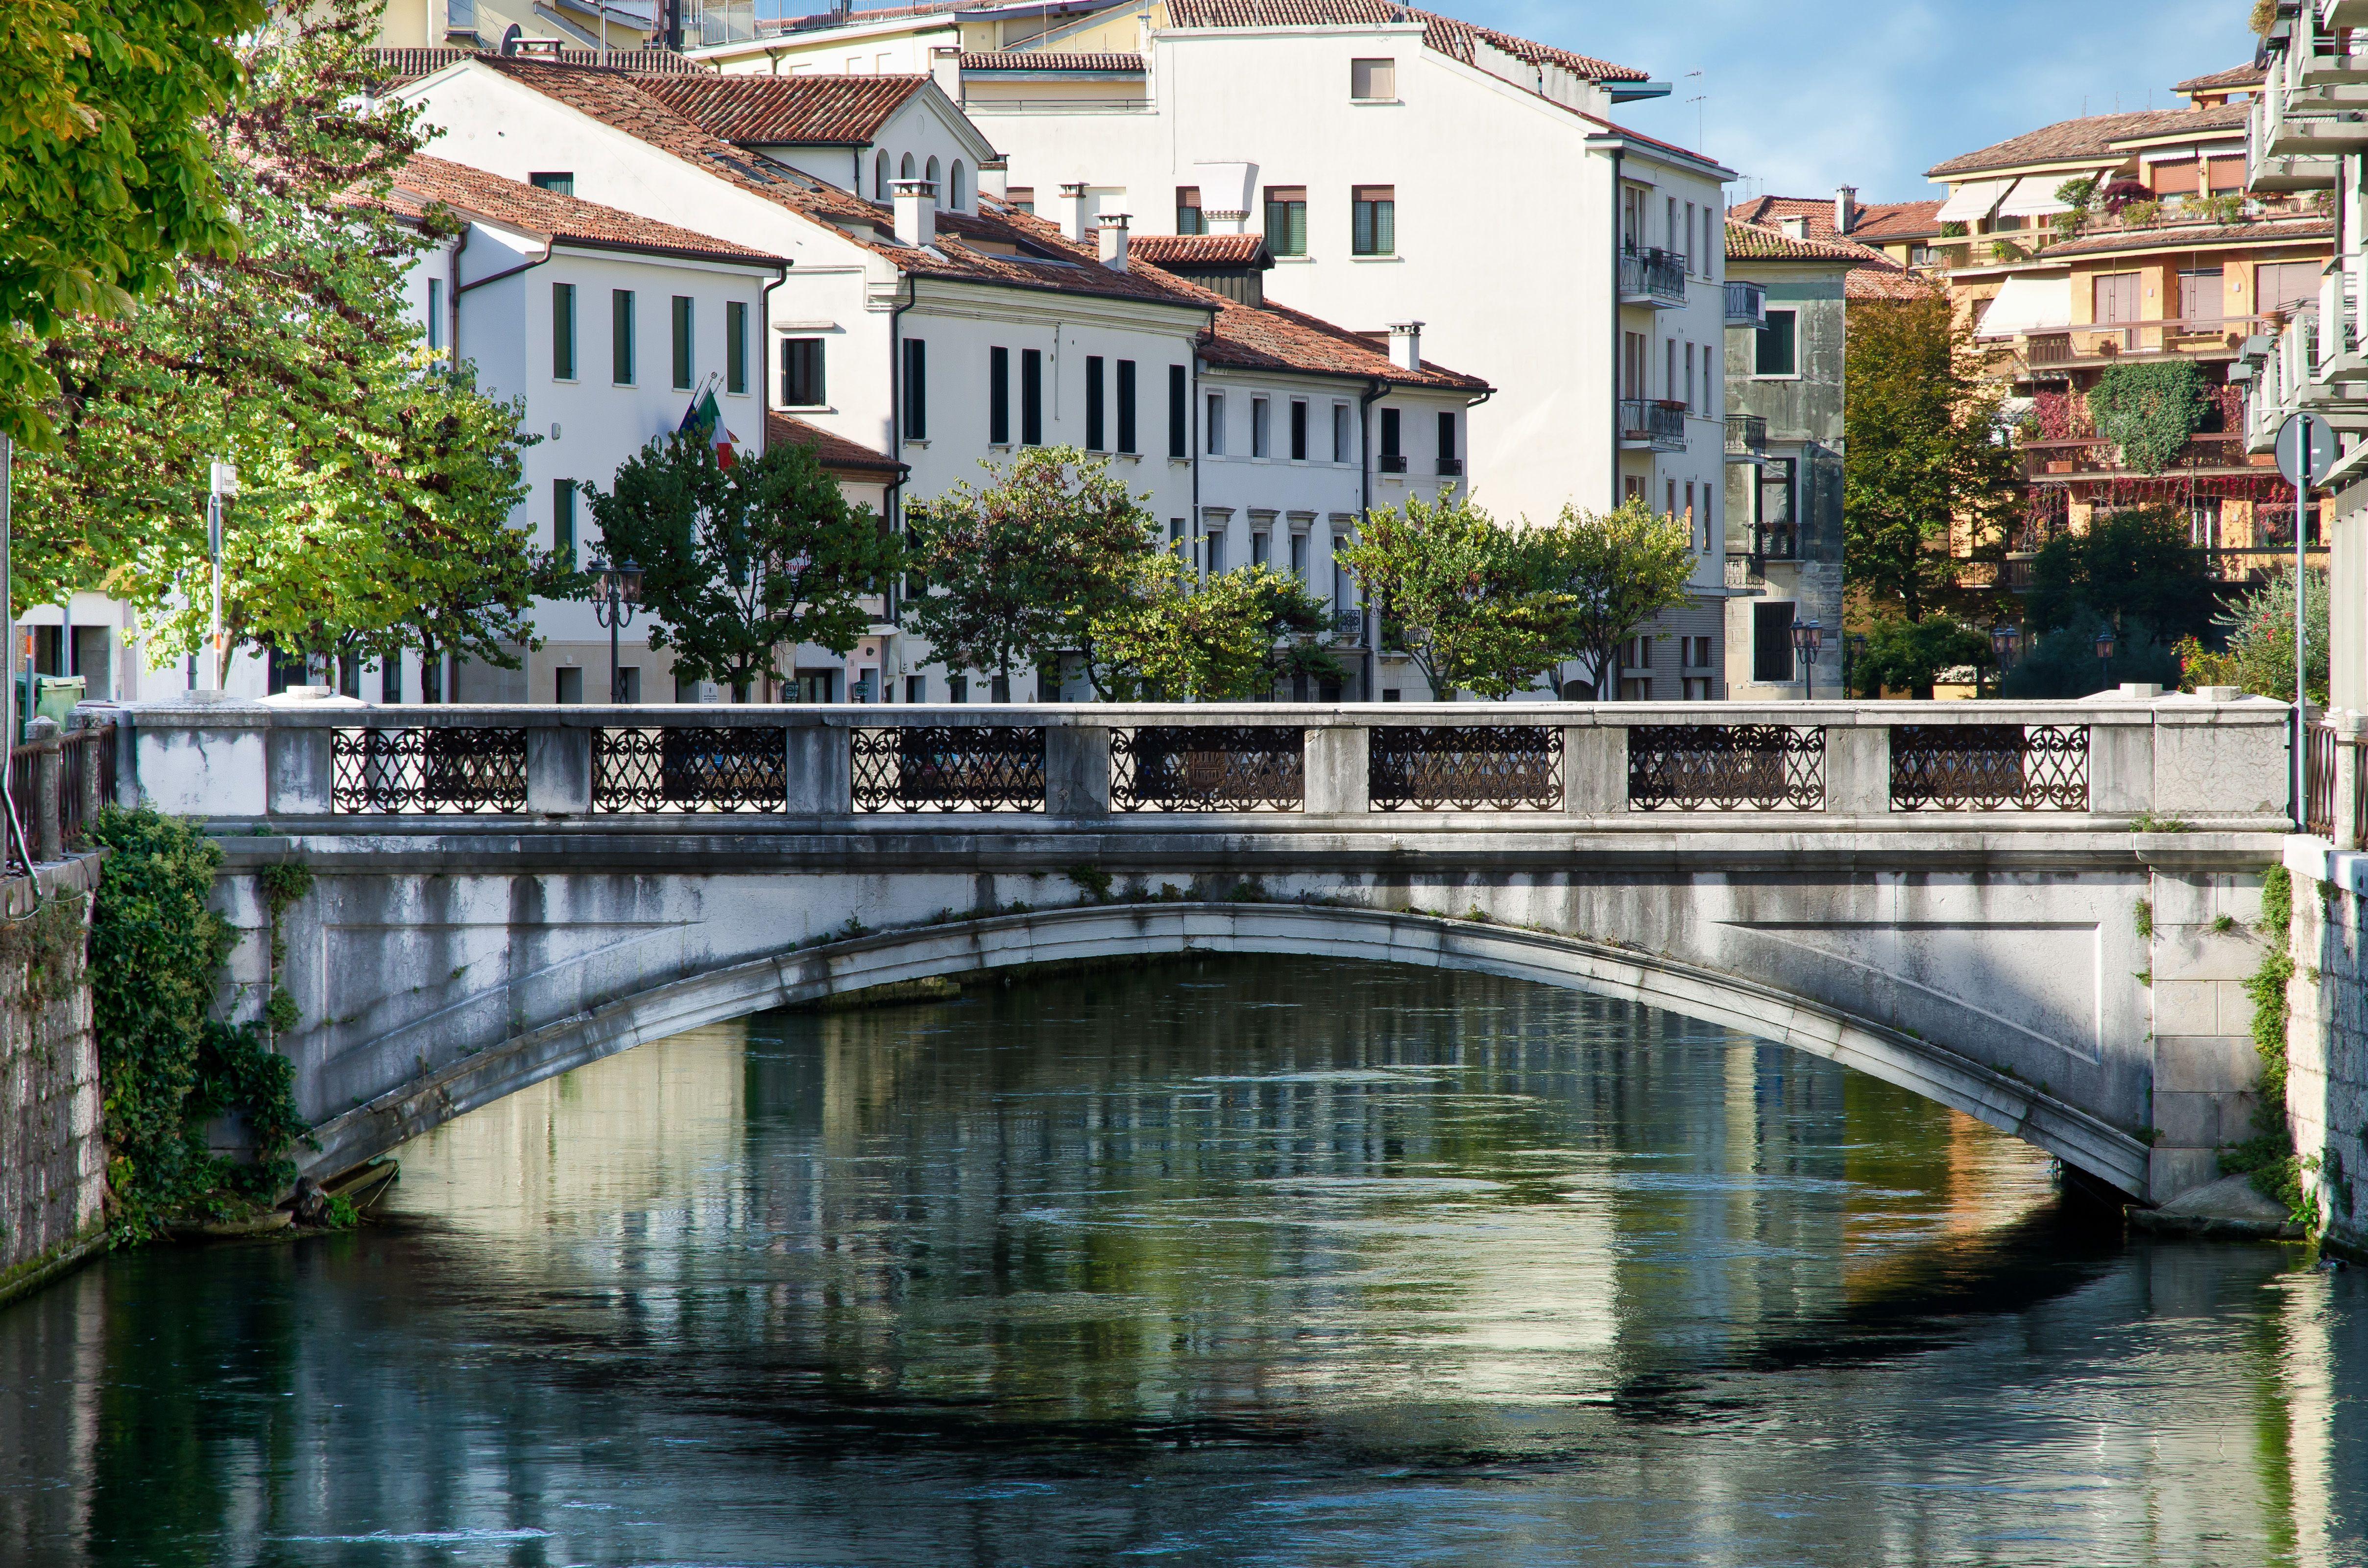 Treviso heeft niet alleen romantische grachten maar ook mooie straatjes overspannen met arcaden en huizen versierd met fresco's.  http://www.canvasholidays.nl/campings/campings-in-italie/venetie